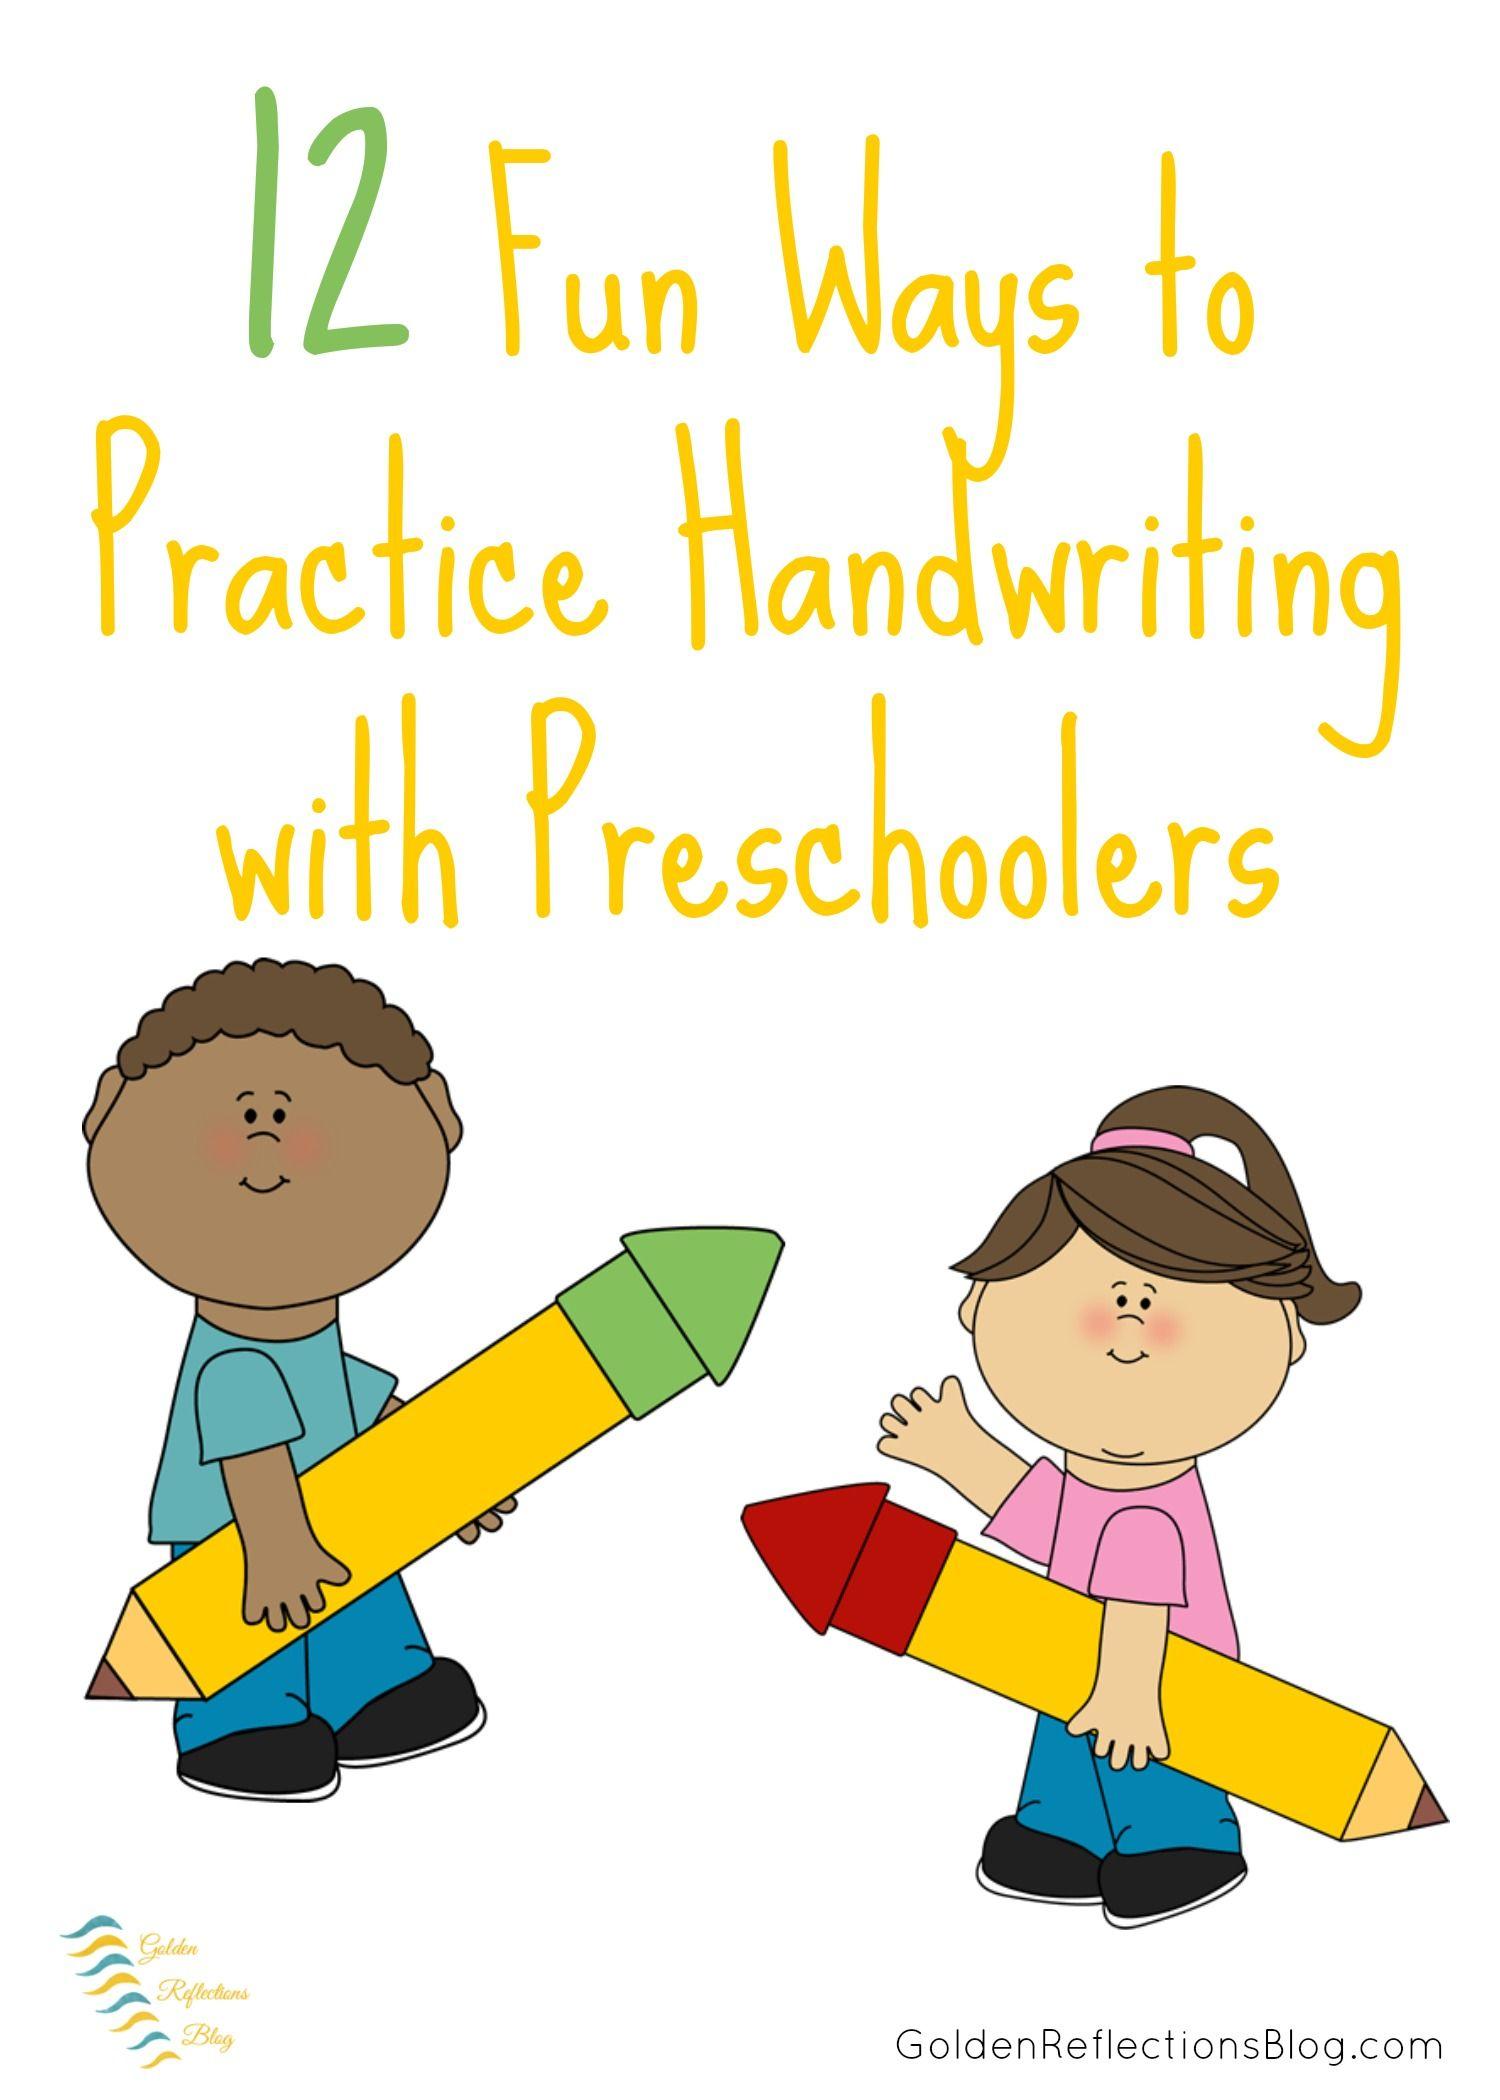 12 Fun Ways To Practice Handwriting With Preschoolers